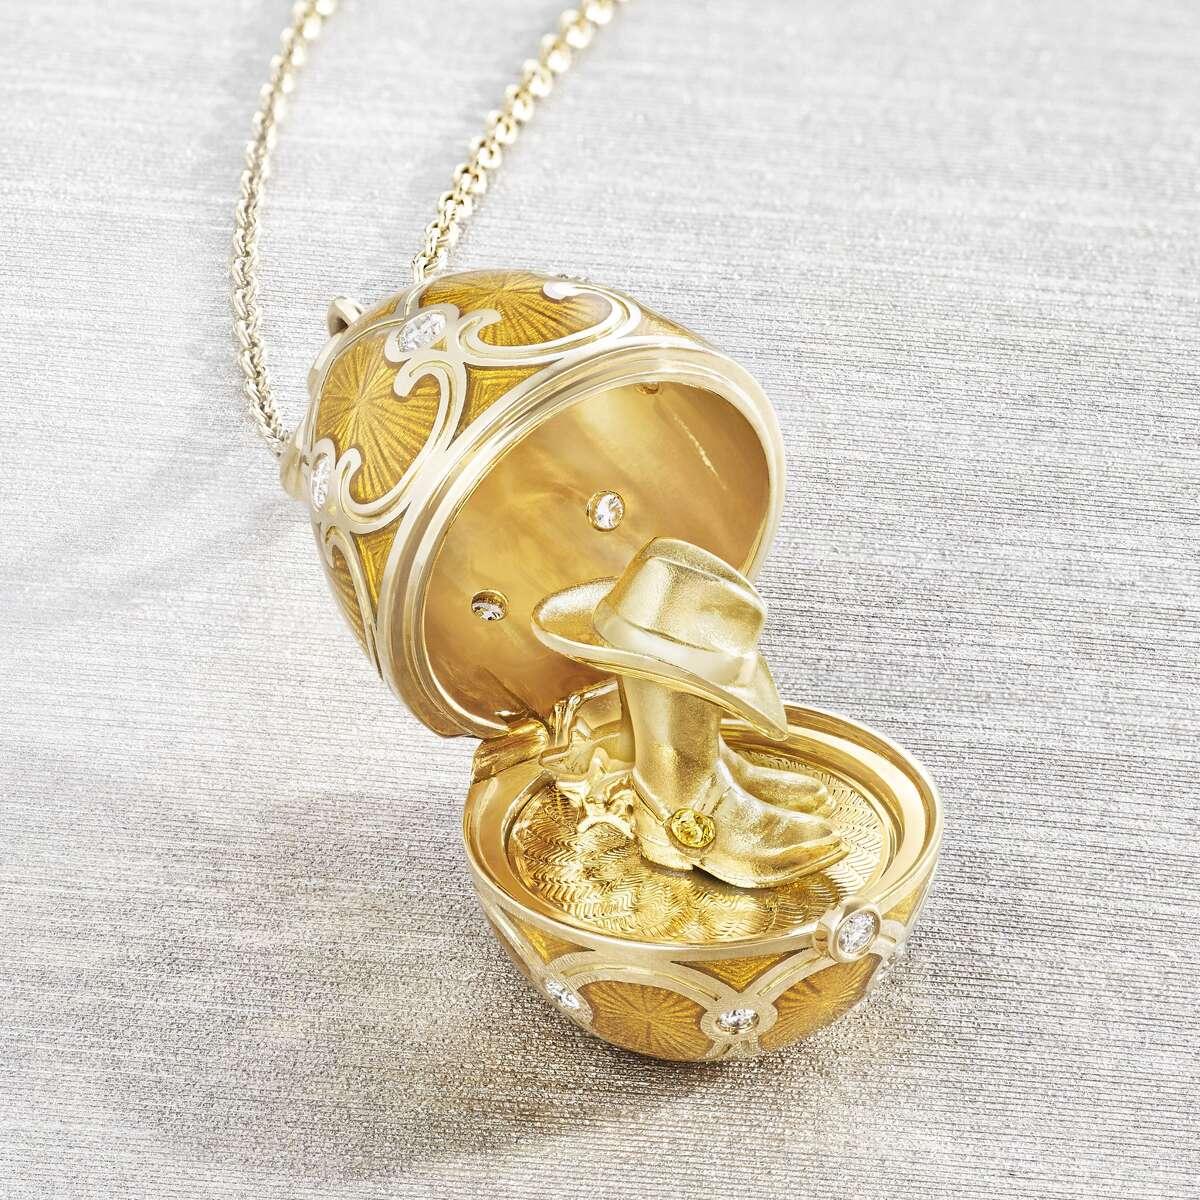 Golden surprise of Texas at Fabergé